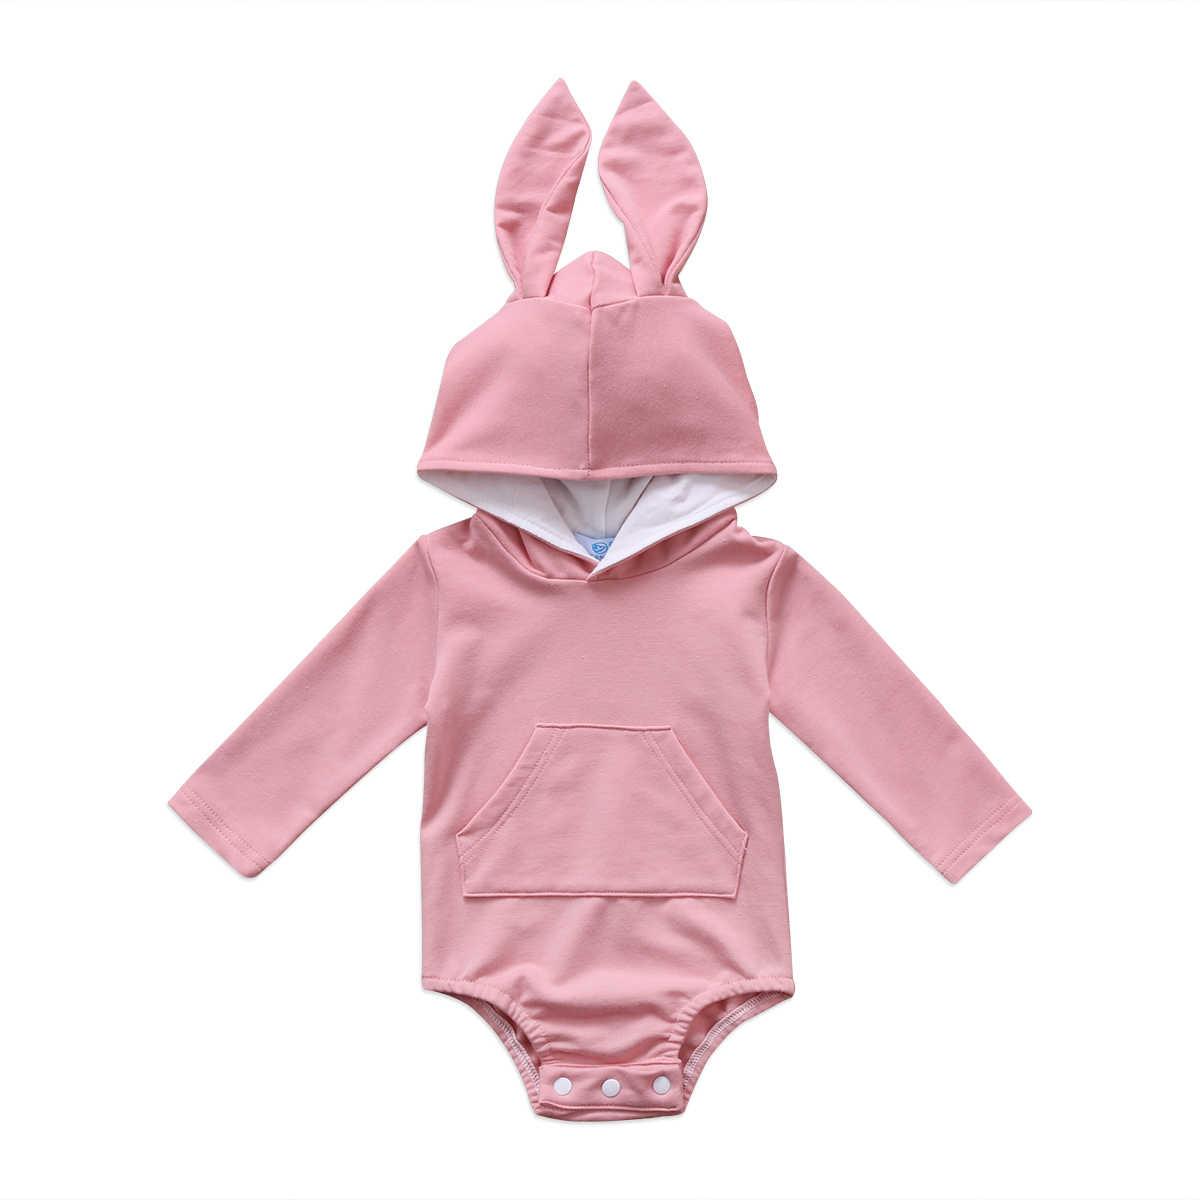 Pudcoco otoño caliente infantil recién nacido Niño bebé niña conejo con capucha  oído romper dibujos animados a0218453a40c